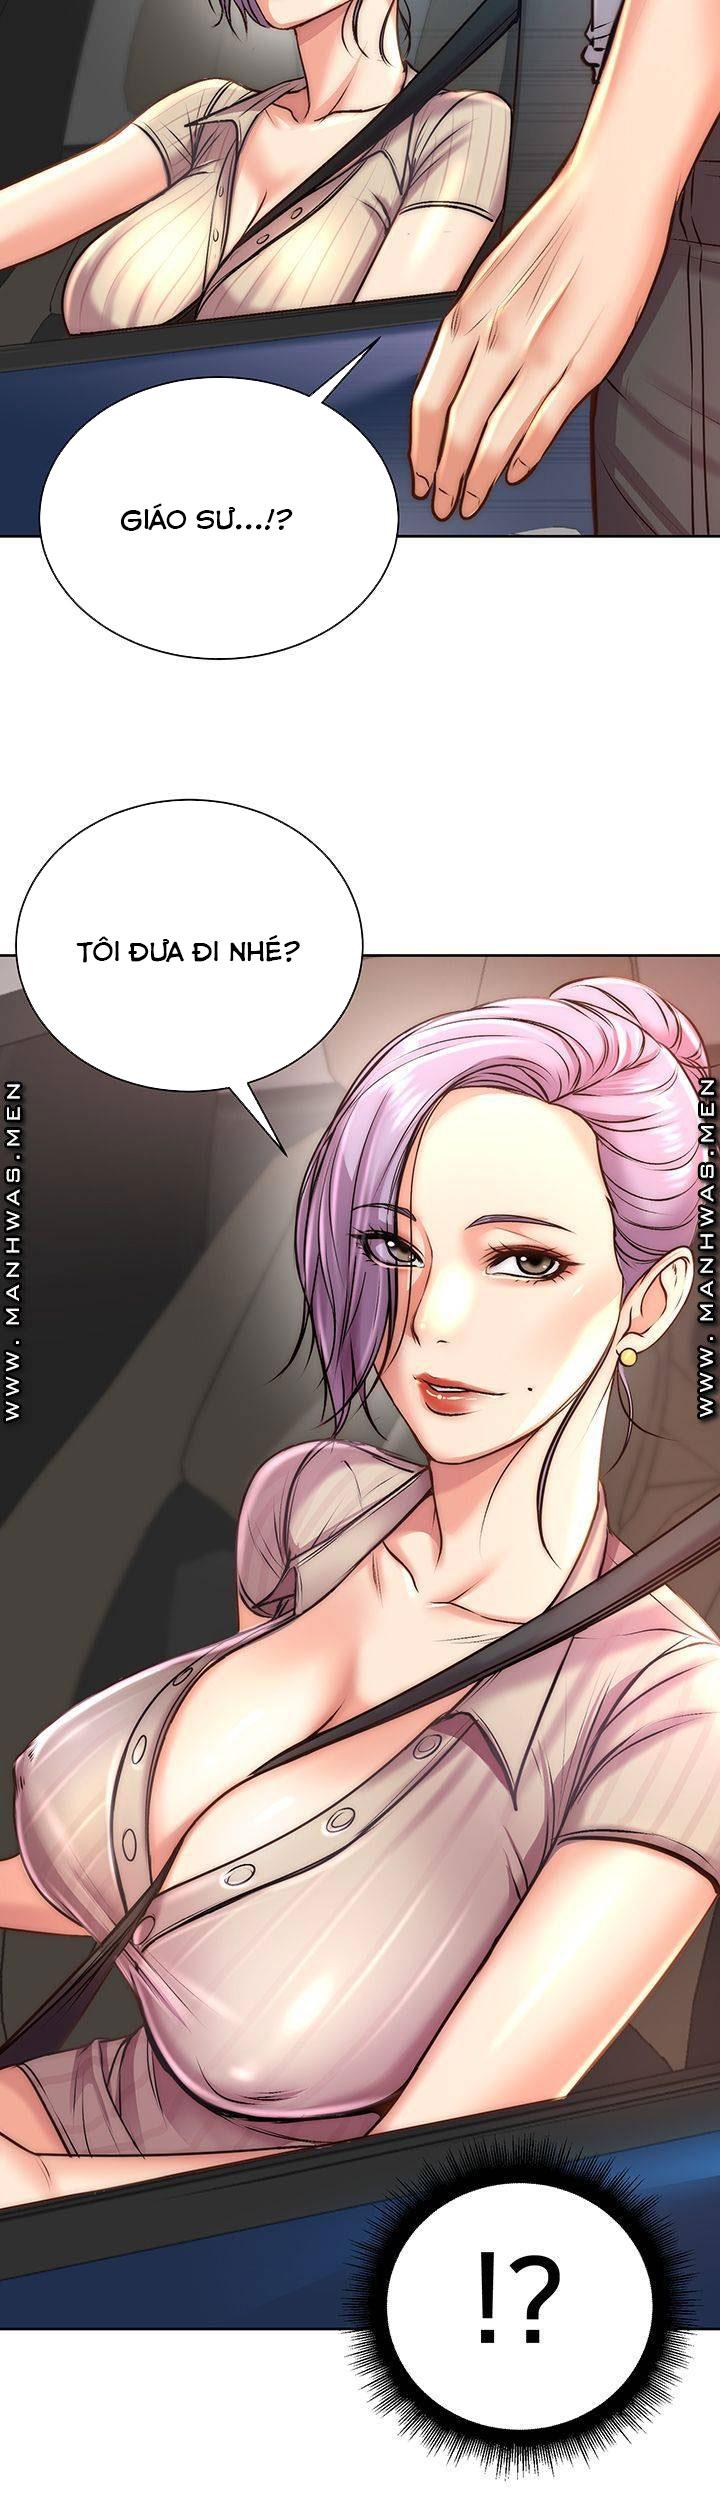 Đọc truyện Cửa Hàng Tiện Lợi Của Chị Eunhye - Chương 67